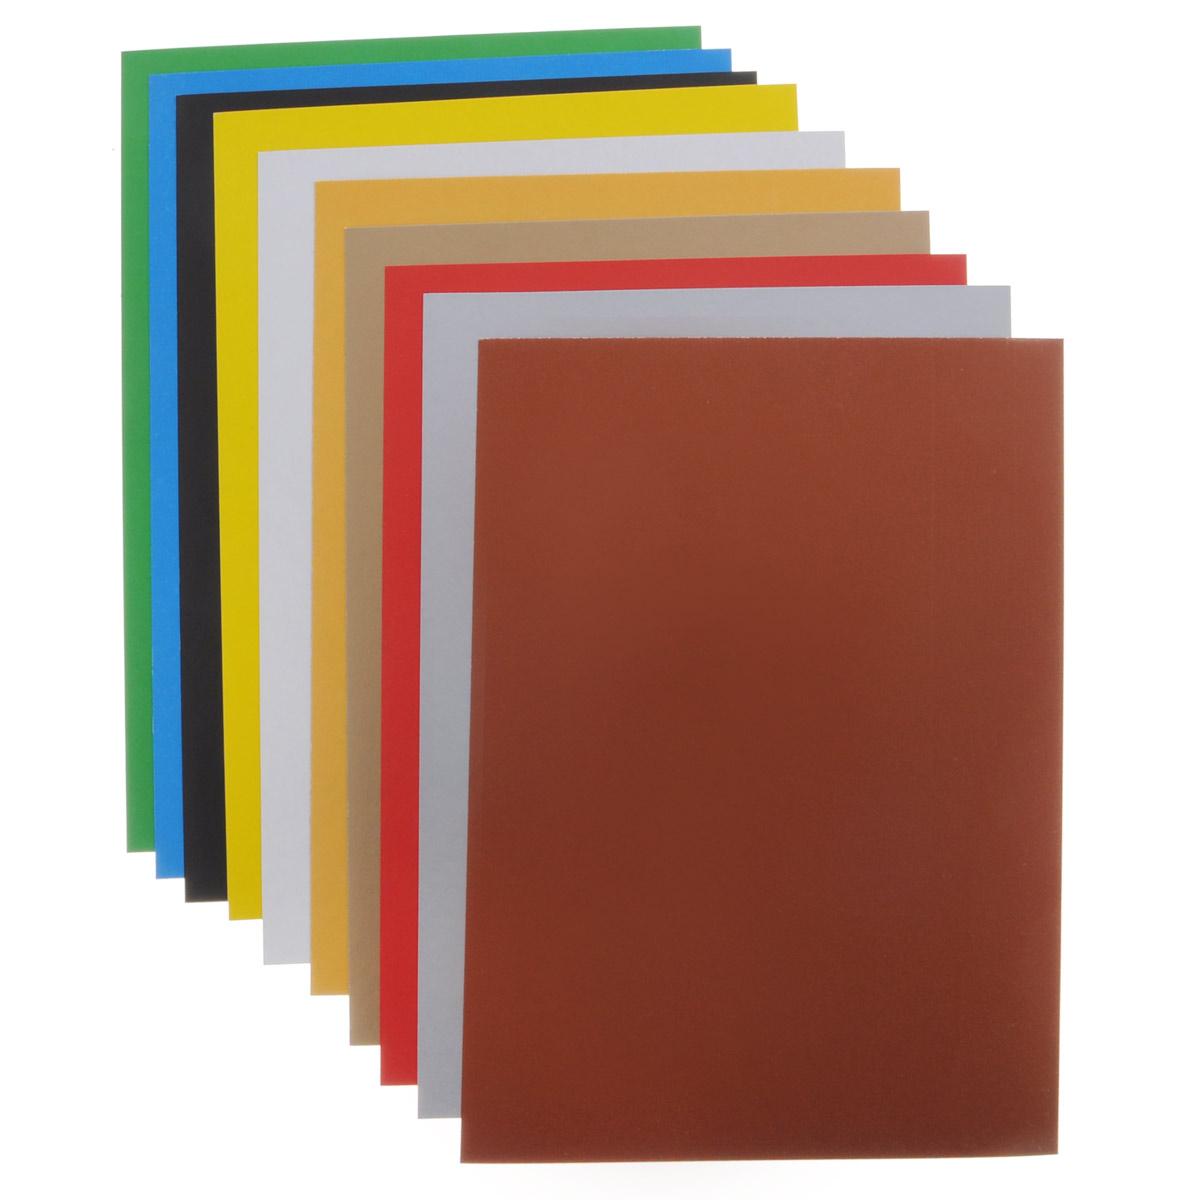 Набор цветного мелованного картона Proff  Racing позволит создавать всевозможные аппликации и поделки. Набор состоит из десяти листов формата А4 одностороннего цветного картона десяти  цветов: коричневого, красного,оранжевого, белого, желтого, черного, синего, зеленого, золотого и серебряного . Создание поделок из цветного картона позволяет ребенку развивать творческие способности, кроме того, это увлекательный досуг. Набор упакован в картонную папку с изображением забавных гоночных машин.